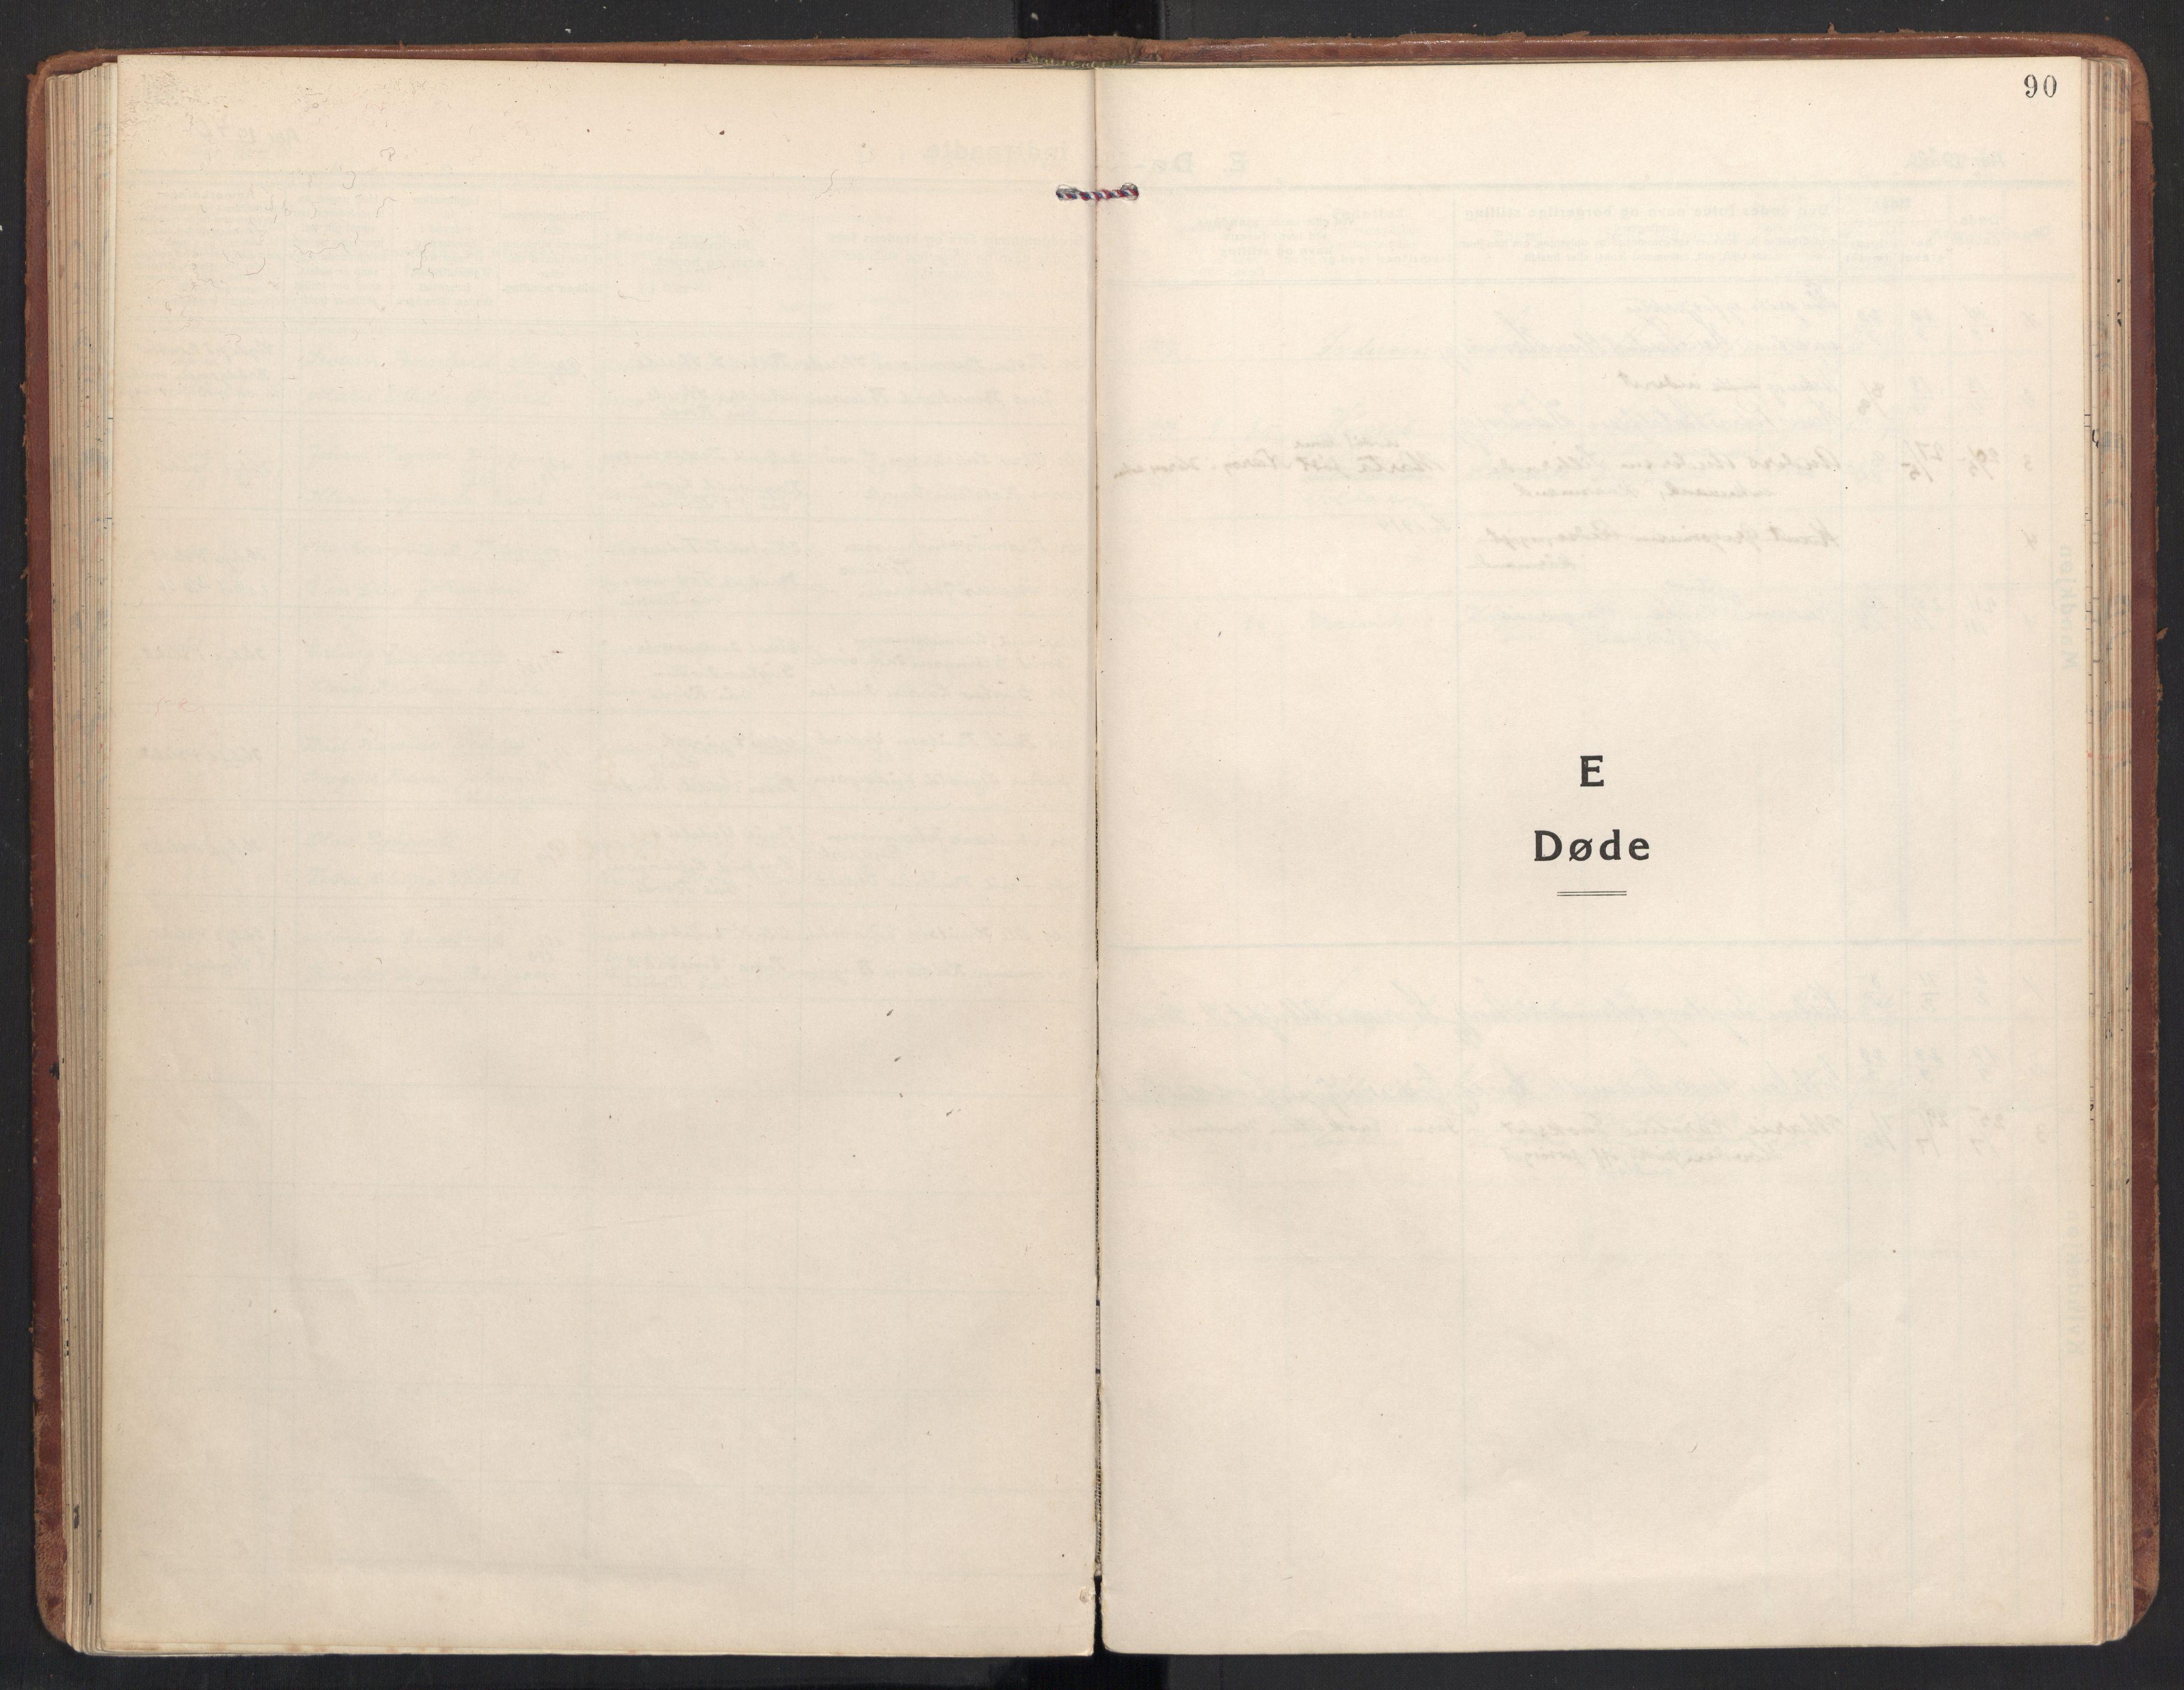 SAT, Ministerialprotokoller, klokkerbøker og fødselsregistre - Møre og Romsdal, 504/L0058: Ministerialbok nr. 504A05, 1920-1940, s. 90